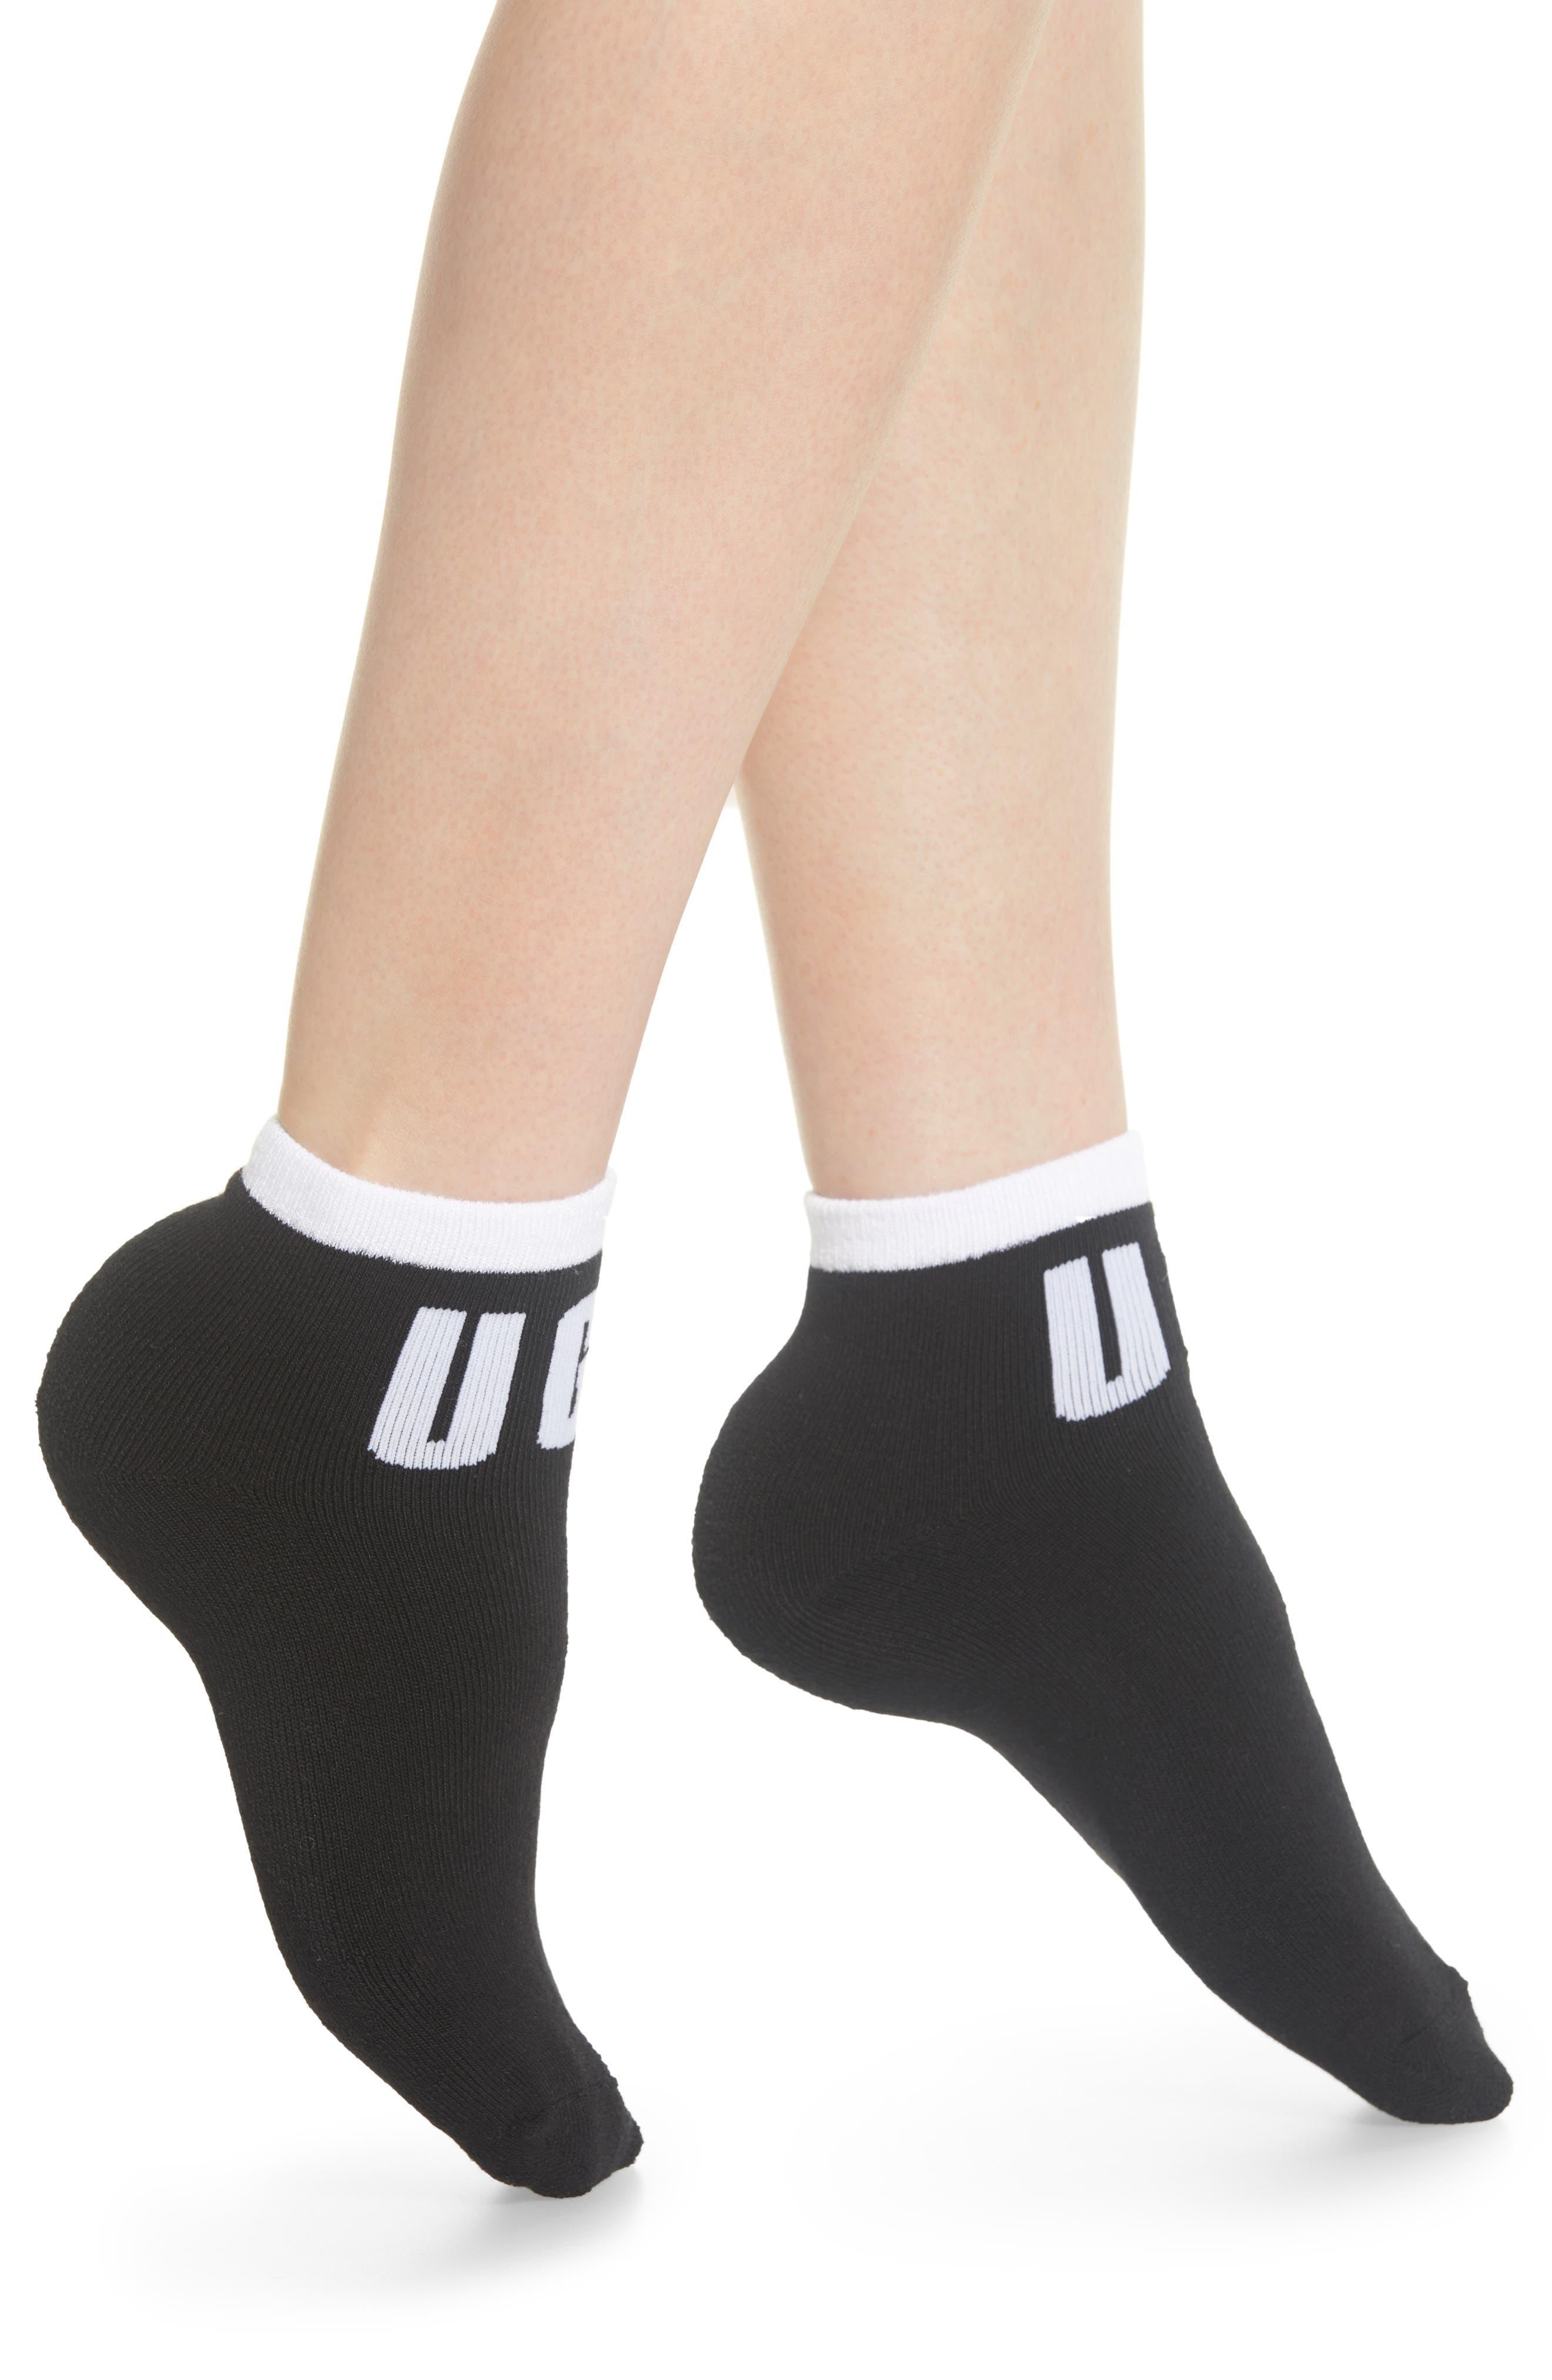 Ankle Socks,                             Main thumbnail 1, color,                             BLACK